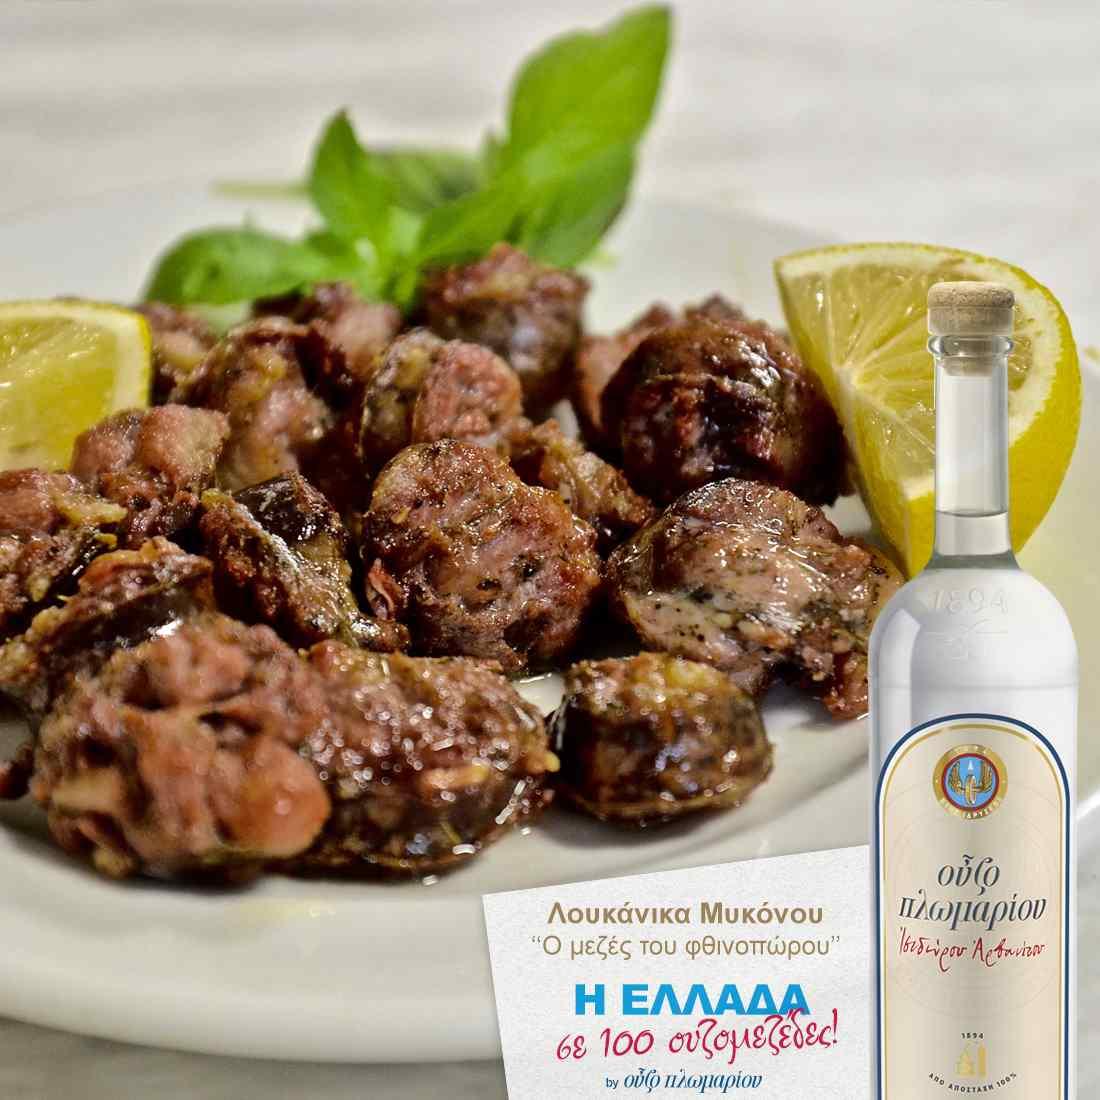 Λουκάνικα Μυκόνου - Ουζομεζέδες - Greek Gastronomy Guide